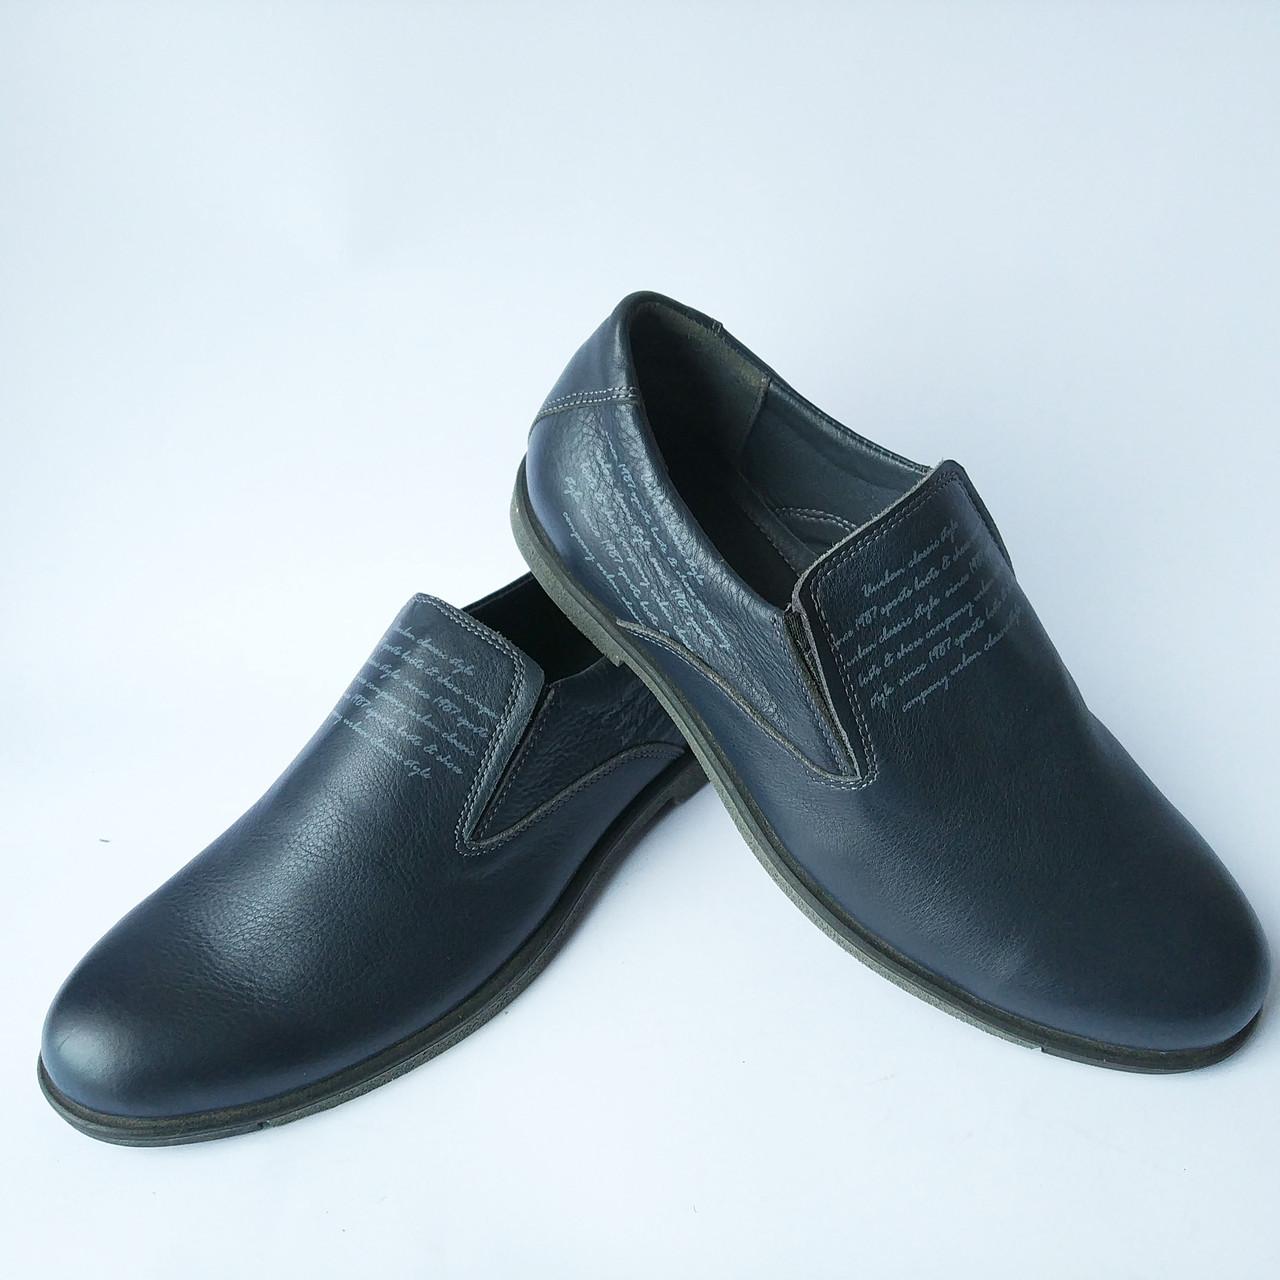 5aac63ded4a151 Мужские туфли Konors : кожаные, синего цвета, повседневные -  Интернет-магазин